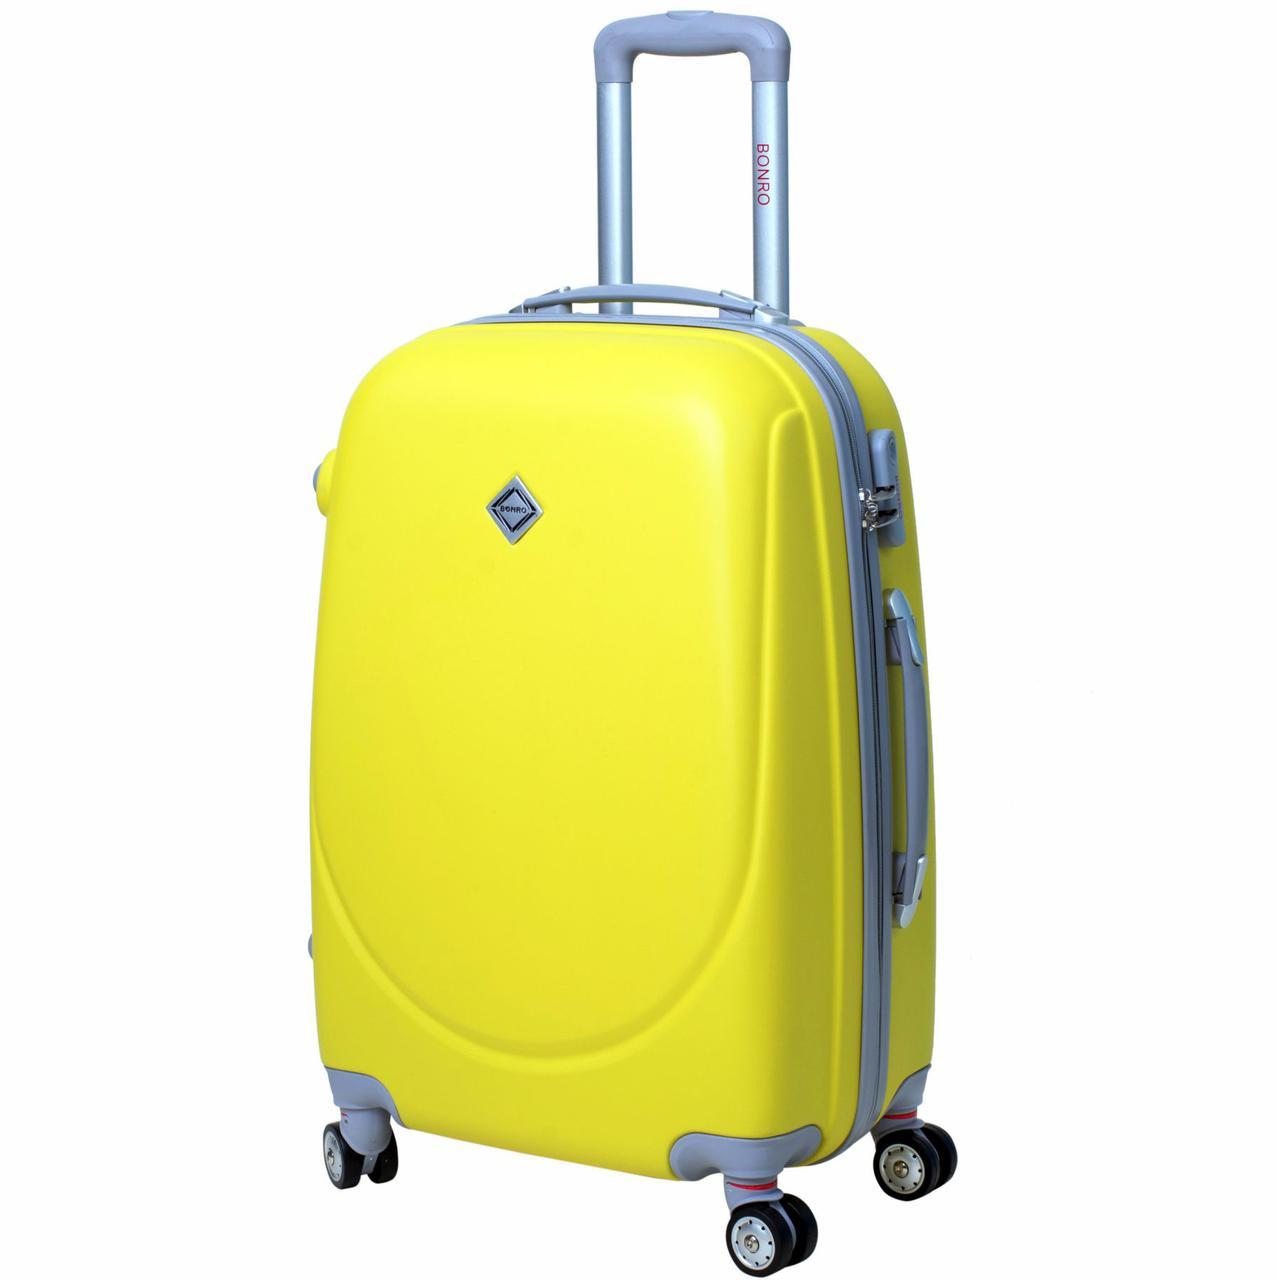 Дорожный чемодан на колесах Bonro Smile с двойными колесами Желтый Средний